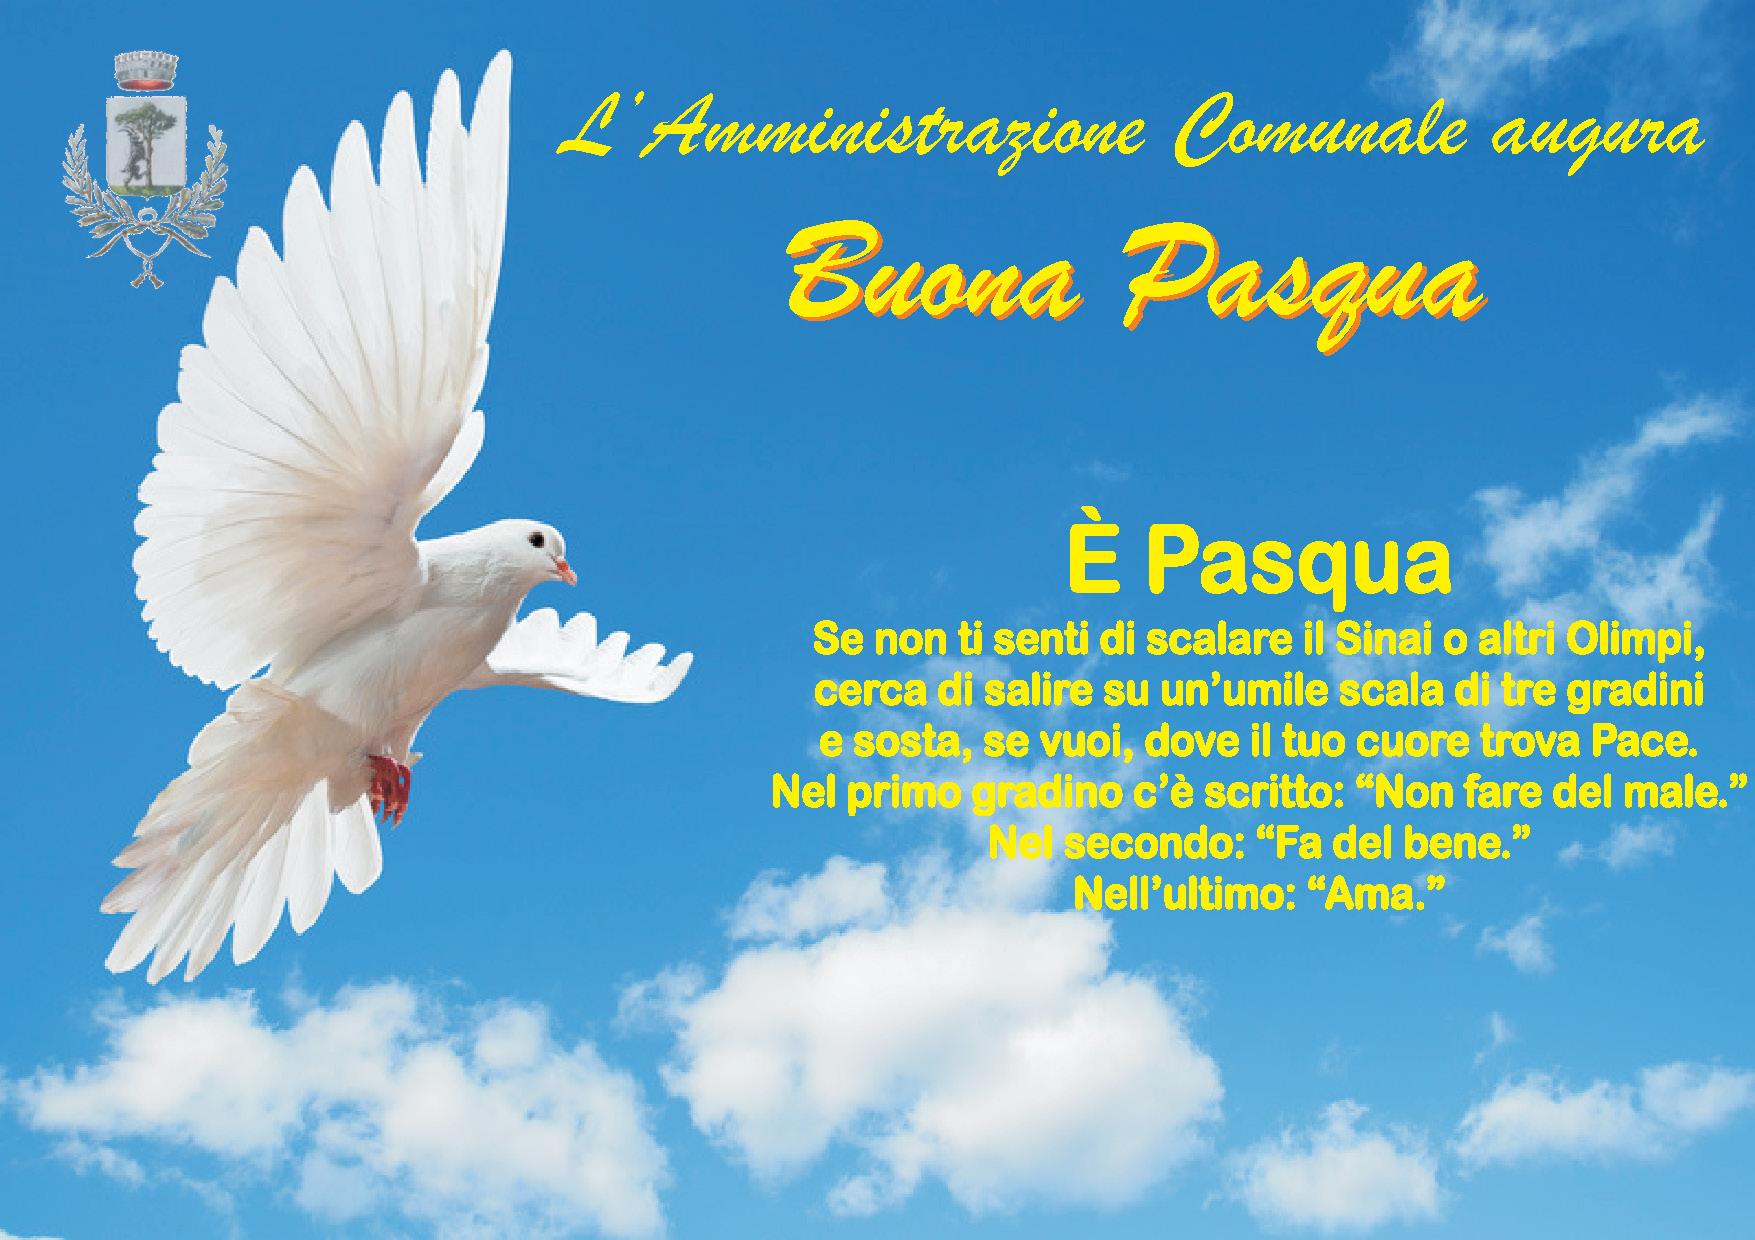 Auguri di buona pasqua marano vicentino for Cartoline auguri di buona pasqua